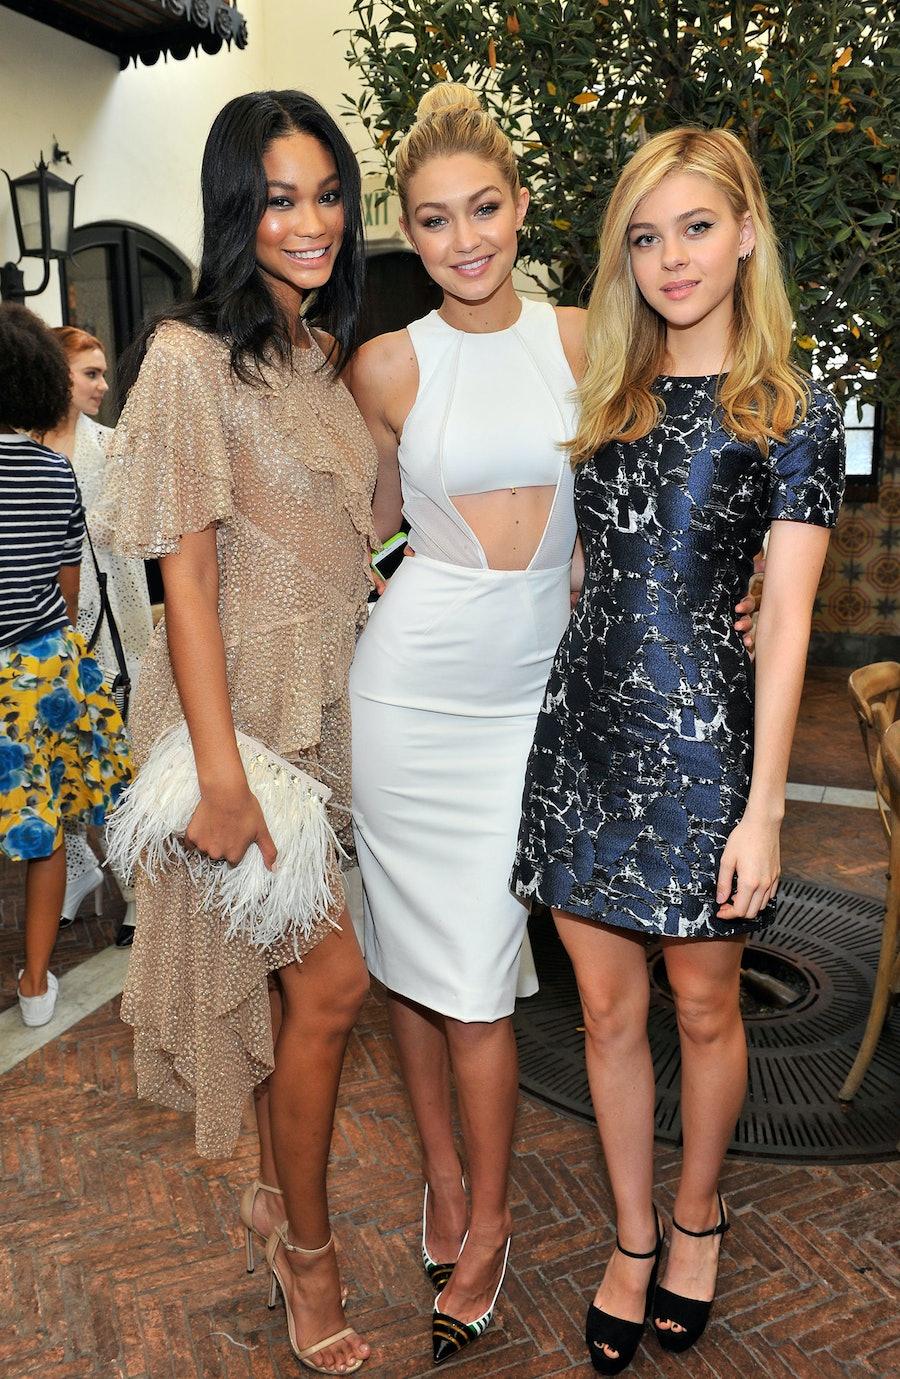 Chanel Iman, Gigi Hadid, and Nicola Peltz